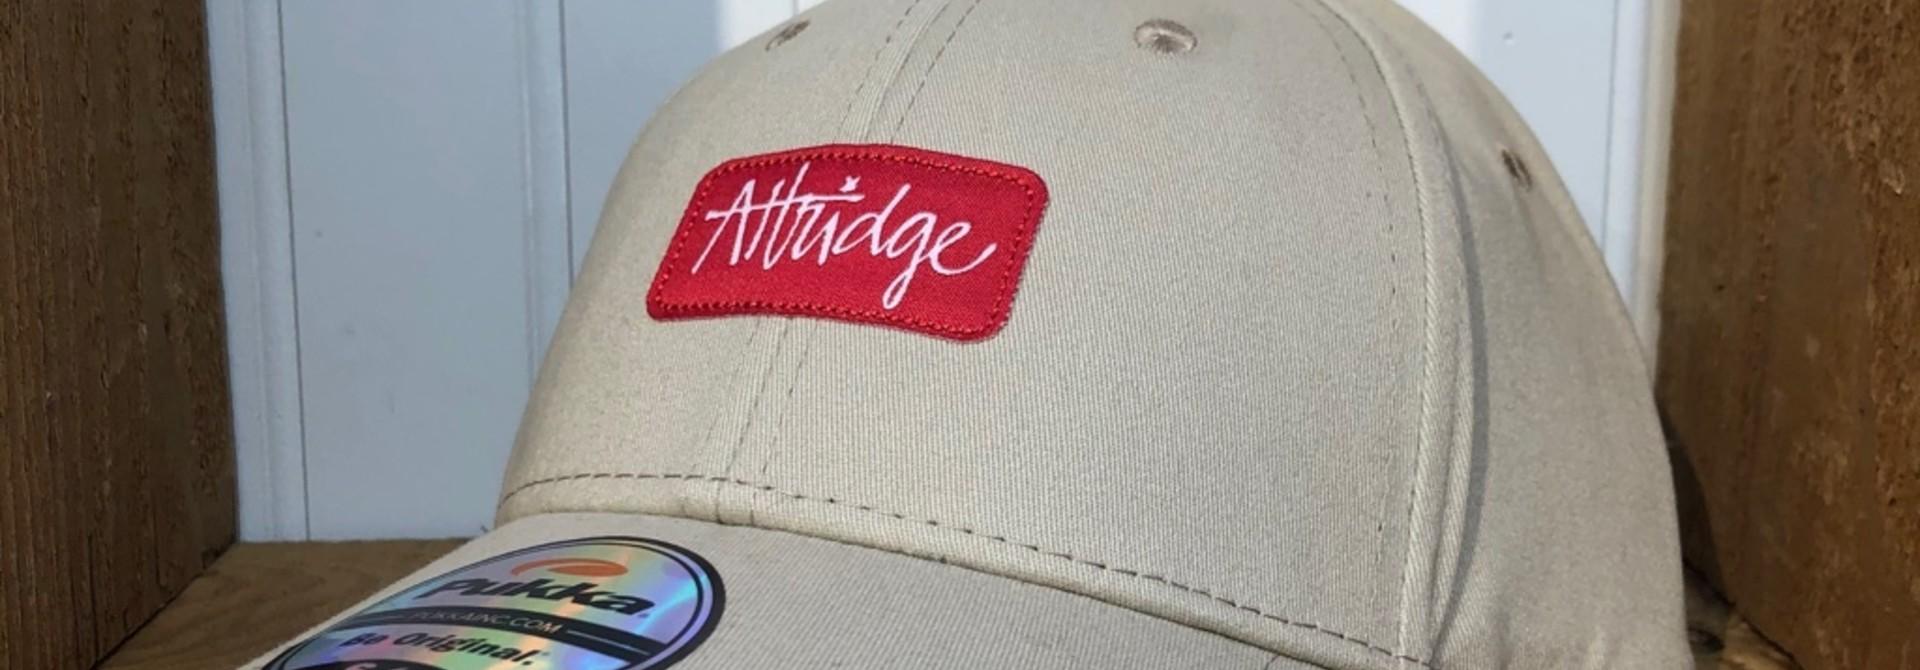 Attridge Script Stretch Fit Hat